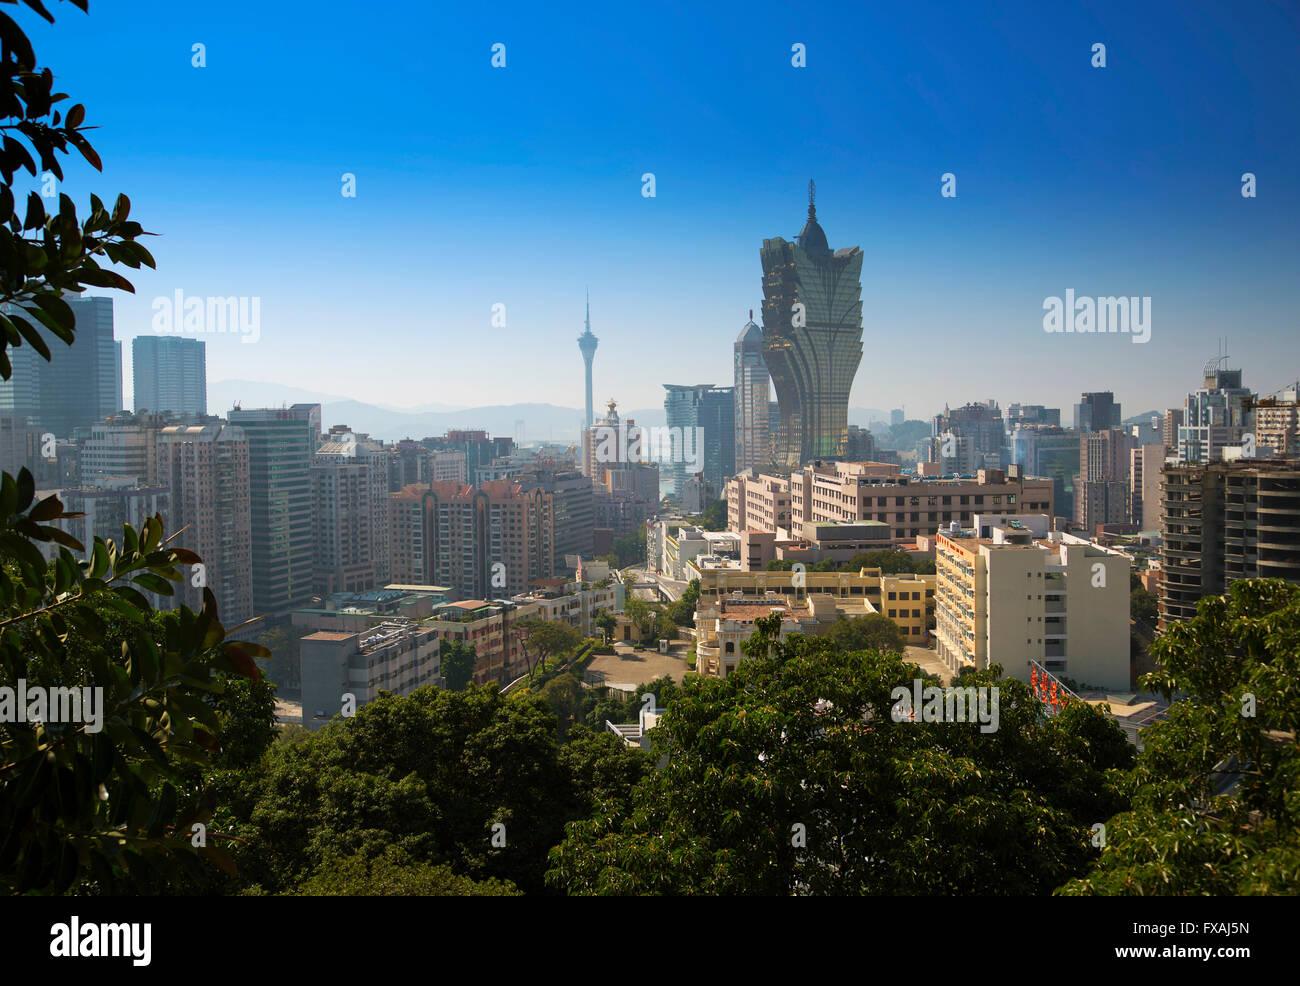 Casino Grand Lisboa y la Torre de Macao, en el fondo, Macao, China Imagen De Stock